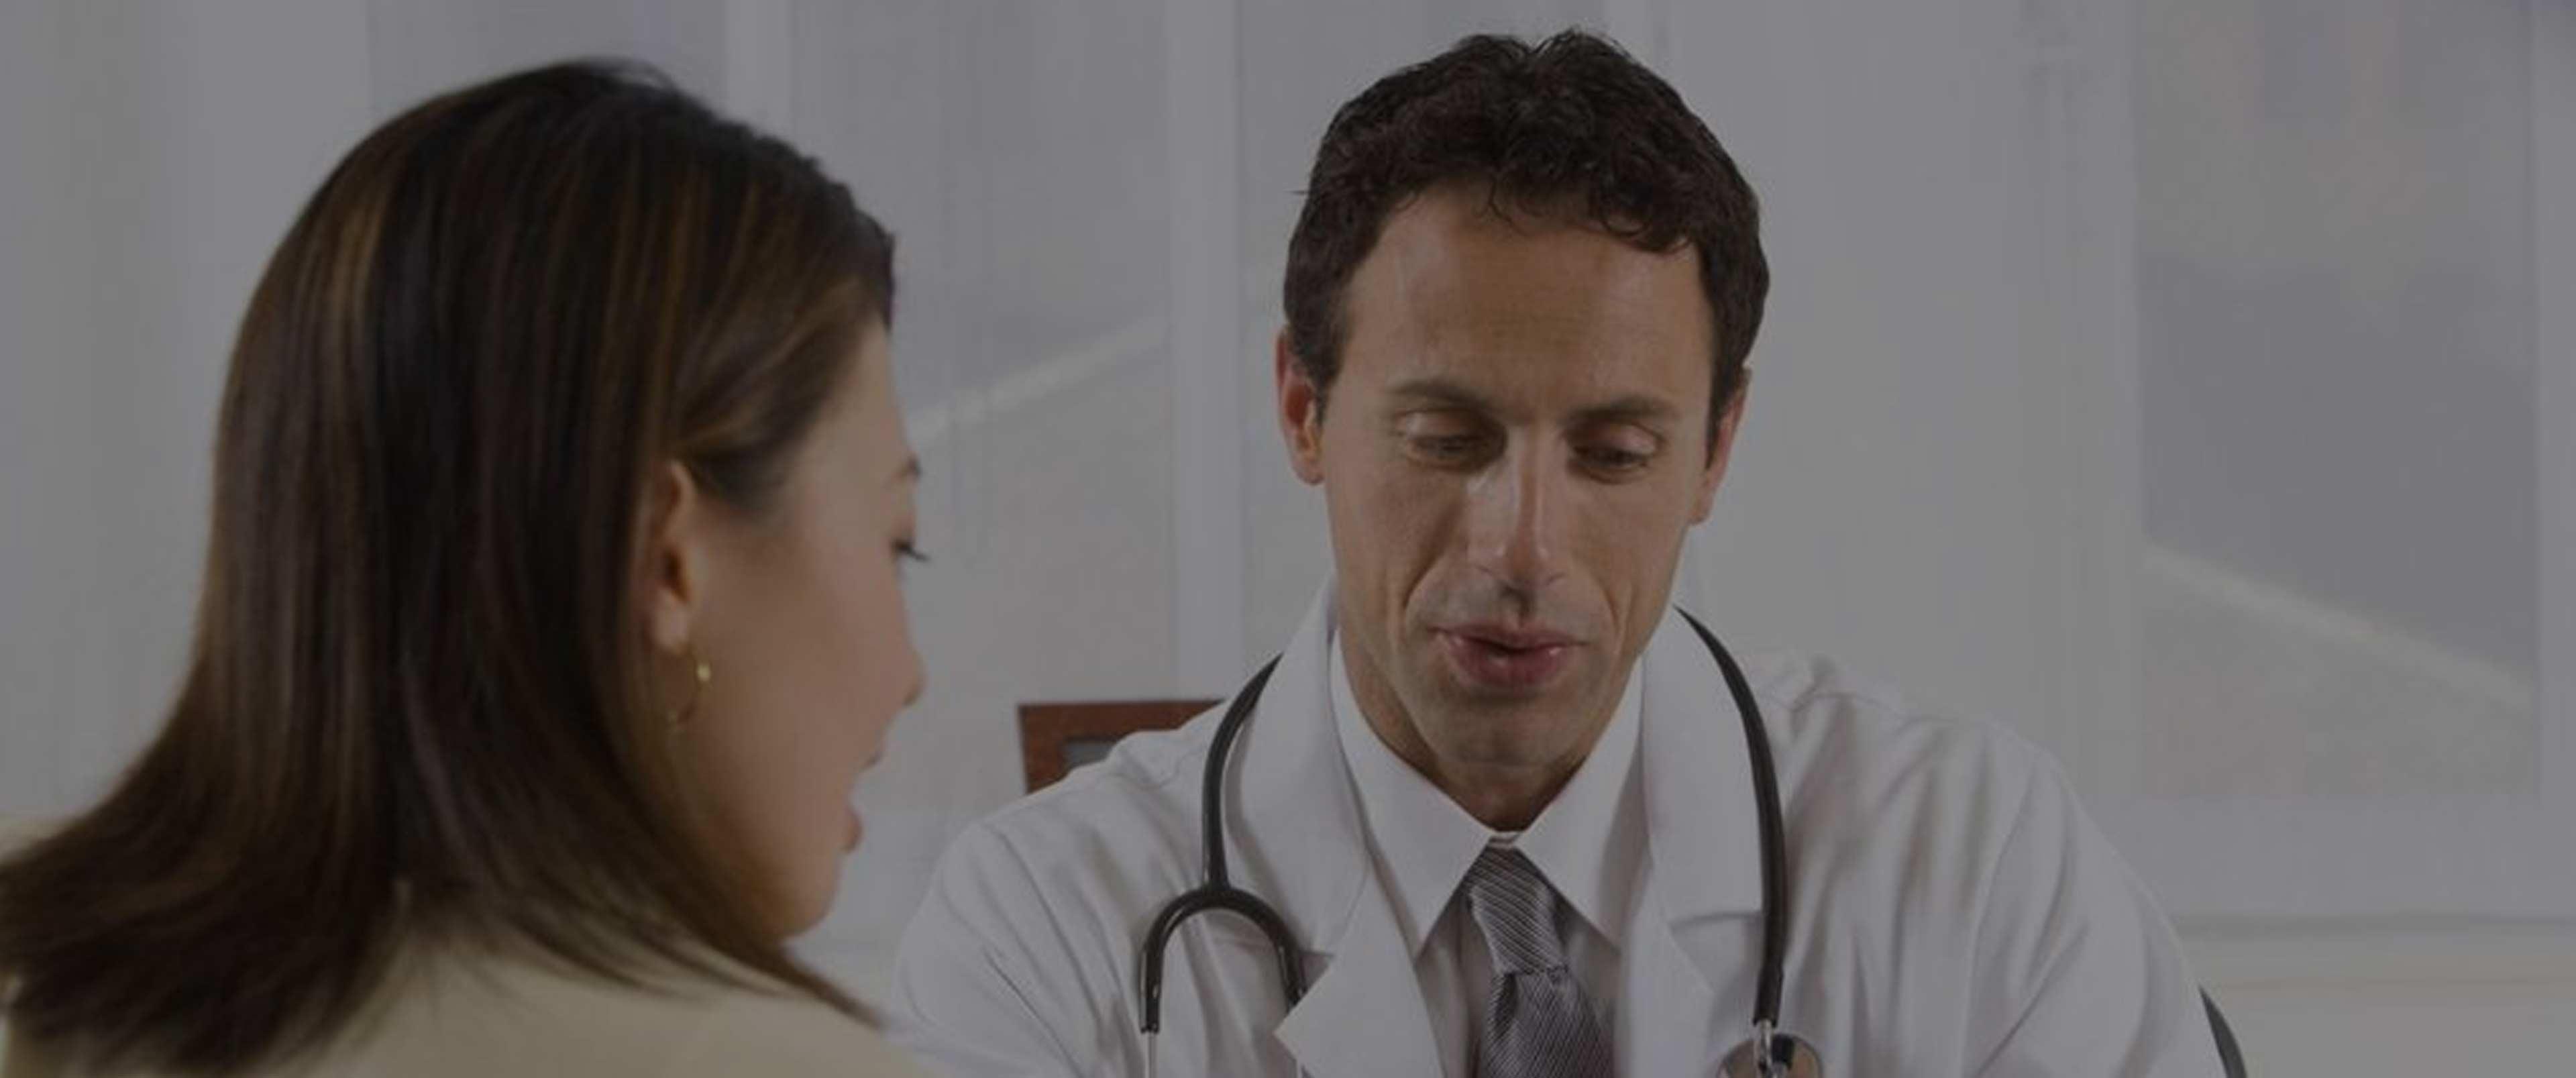 پزشک عمومی در منزل